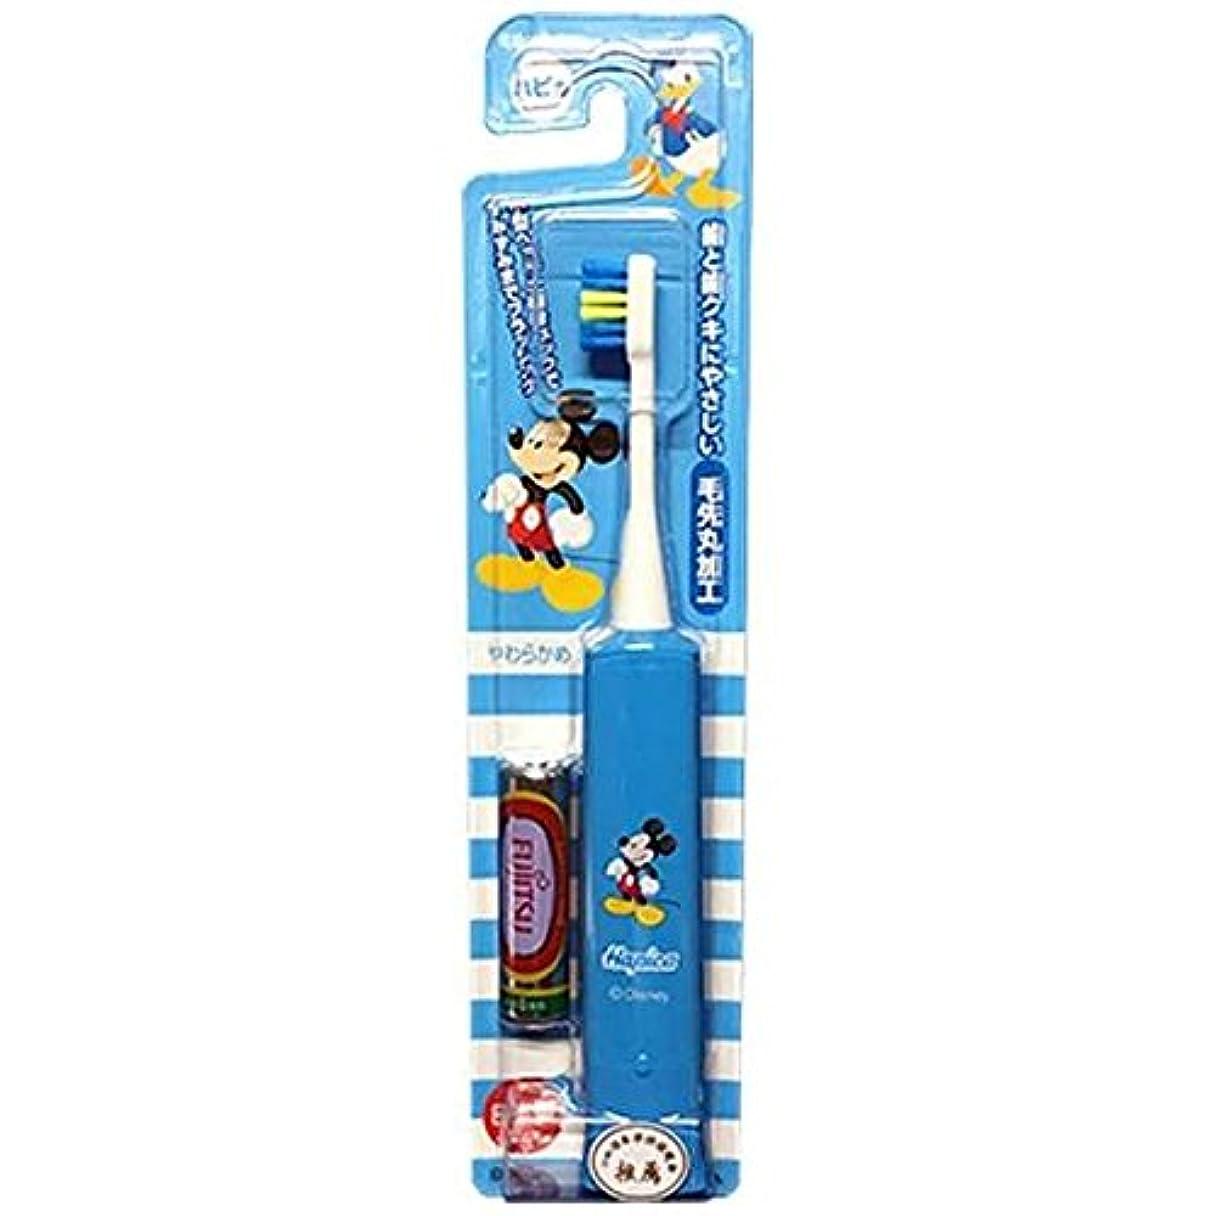 ダイアクリティカル集まるボットミニマム 電動付歯ブラシ こどもハピカ ミッキー(ブルー) 毛の硬さ:やわらかめ DBK-5B(MK)